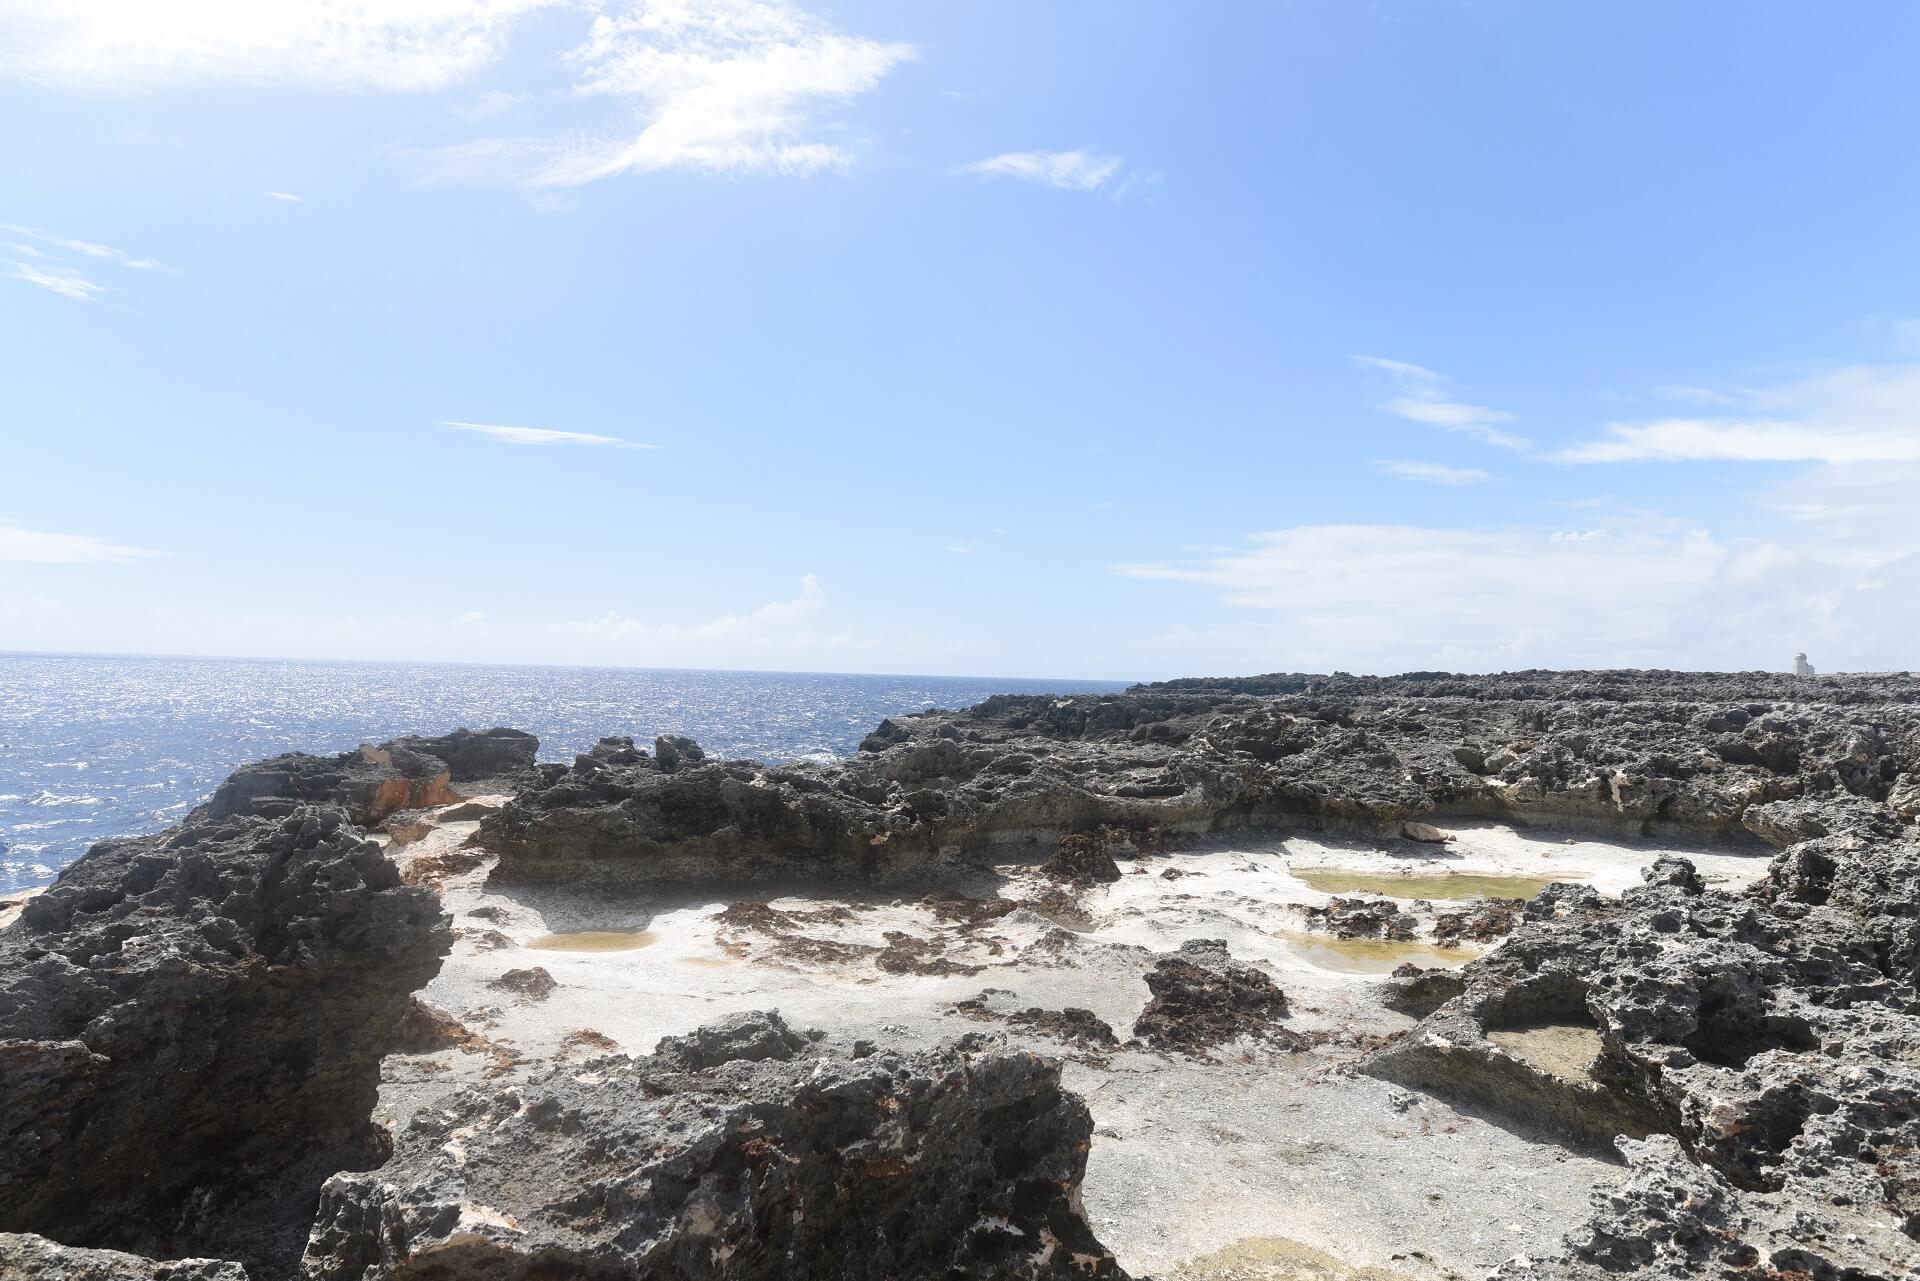 琉球石灰岩と断崖絶壁と水たまりと空